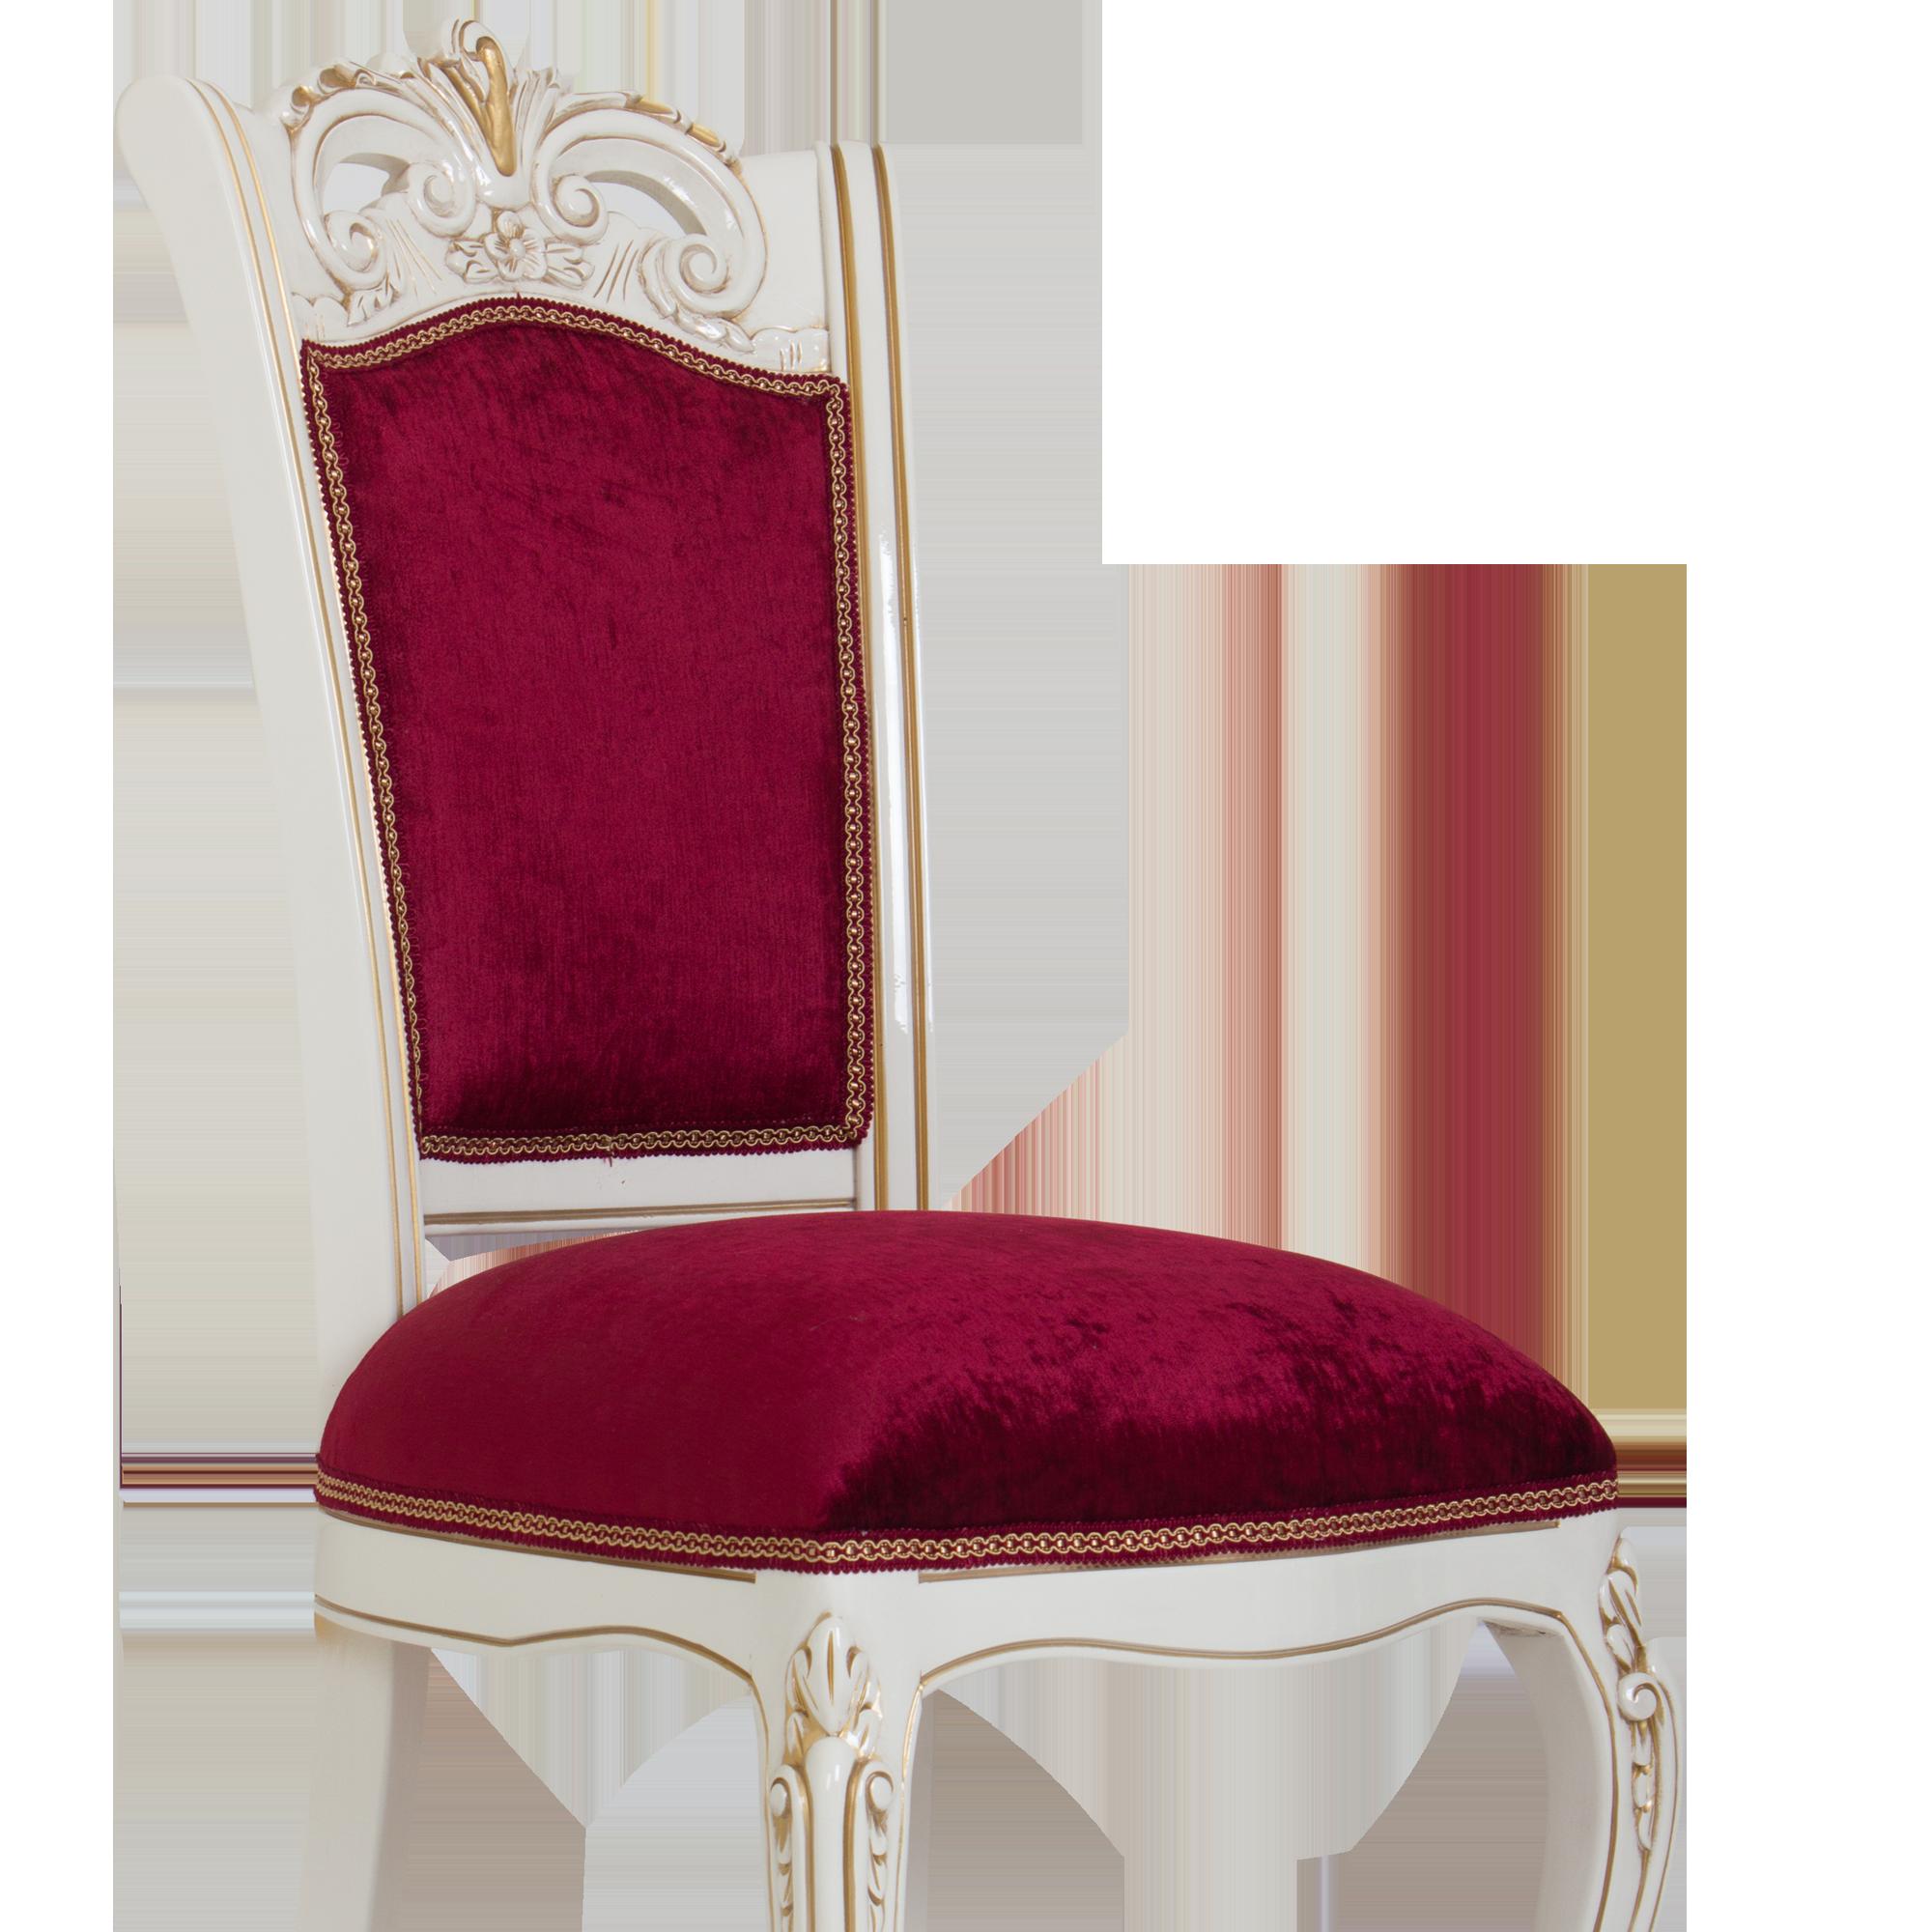 eurosan crvena stolica04